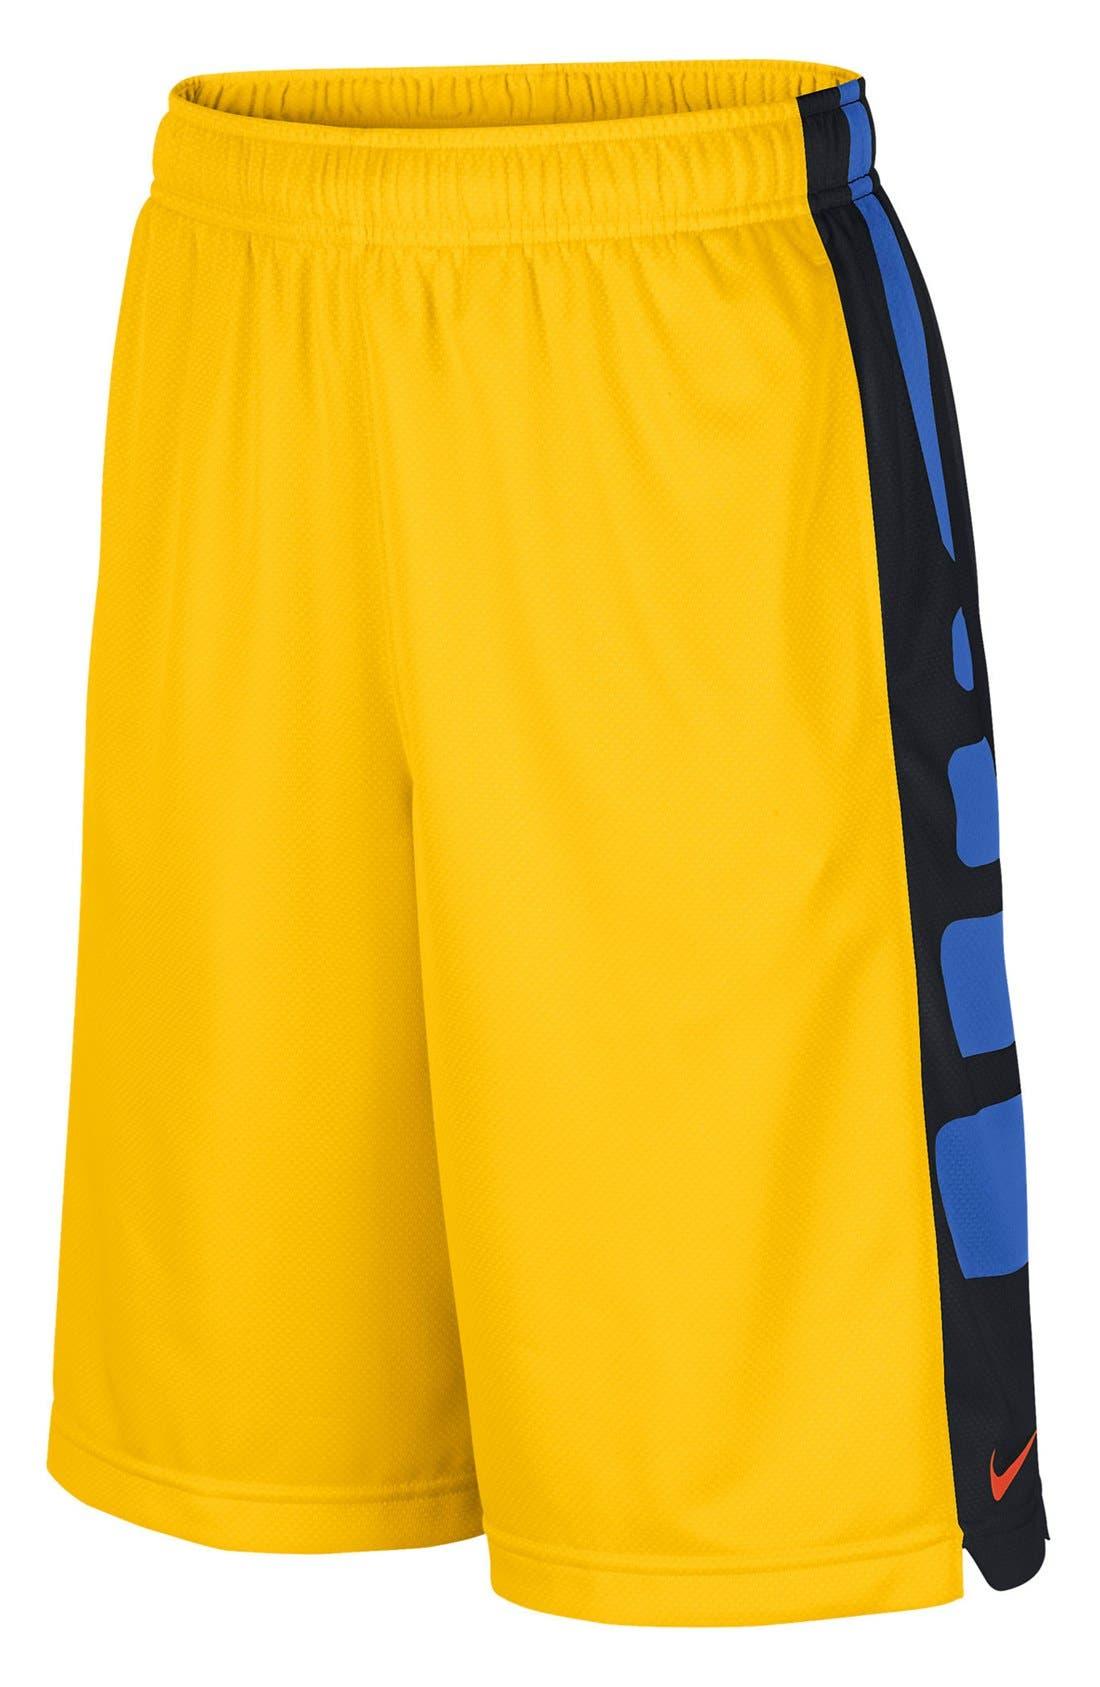 Alternate Image 1 Selected - Nike 'Elite' Shorts (Big Boys)